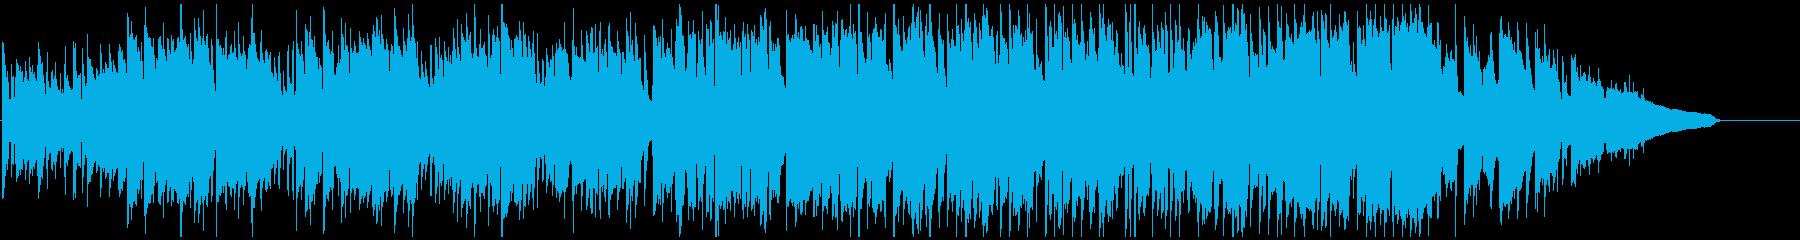 クラリネット生演奏のバラエティ系ポップスの再生済みの波形